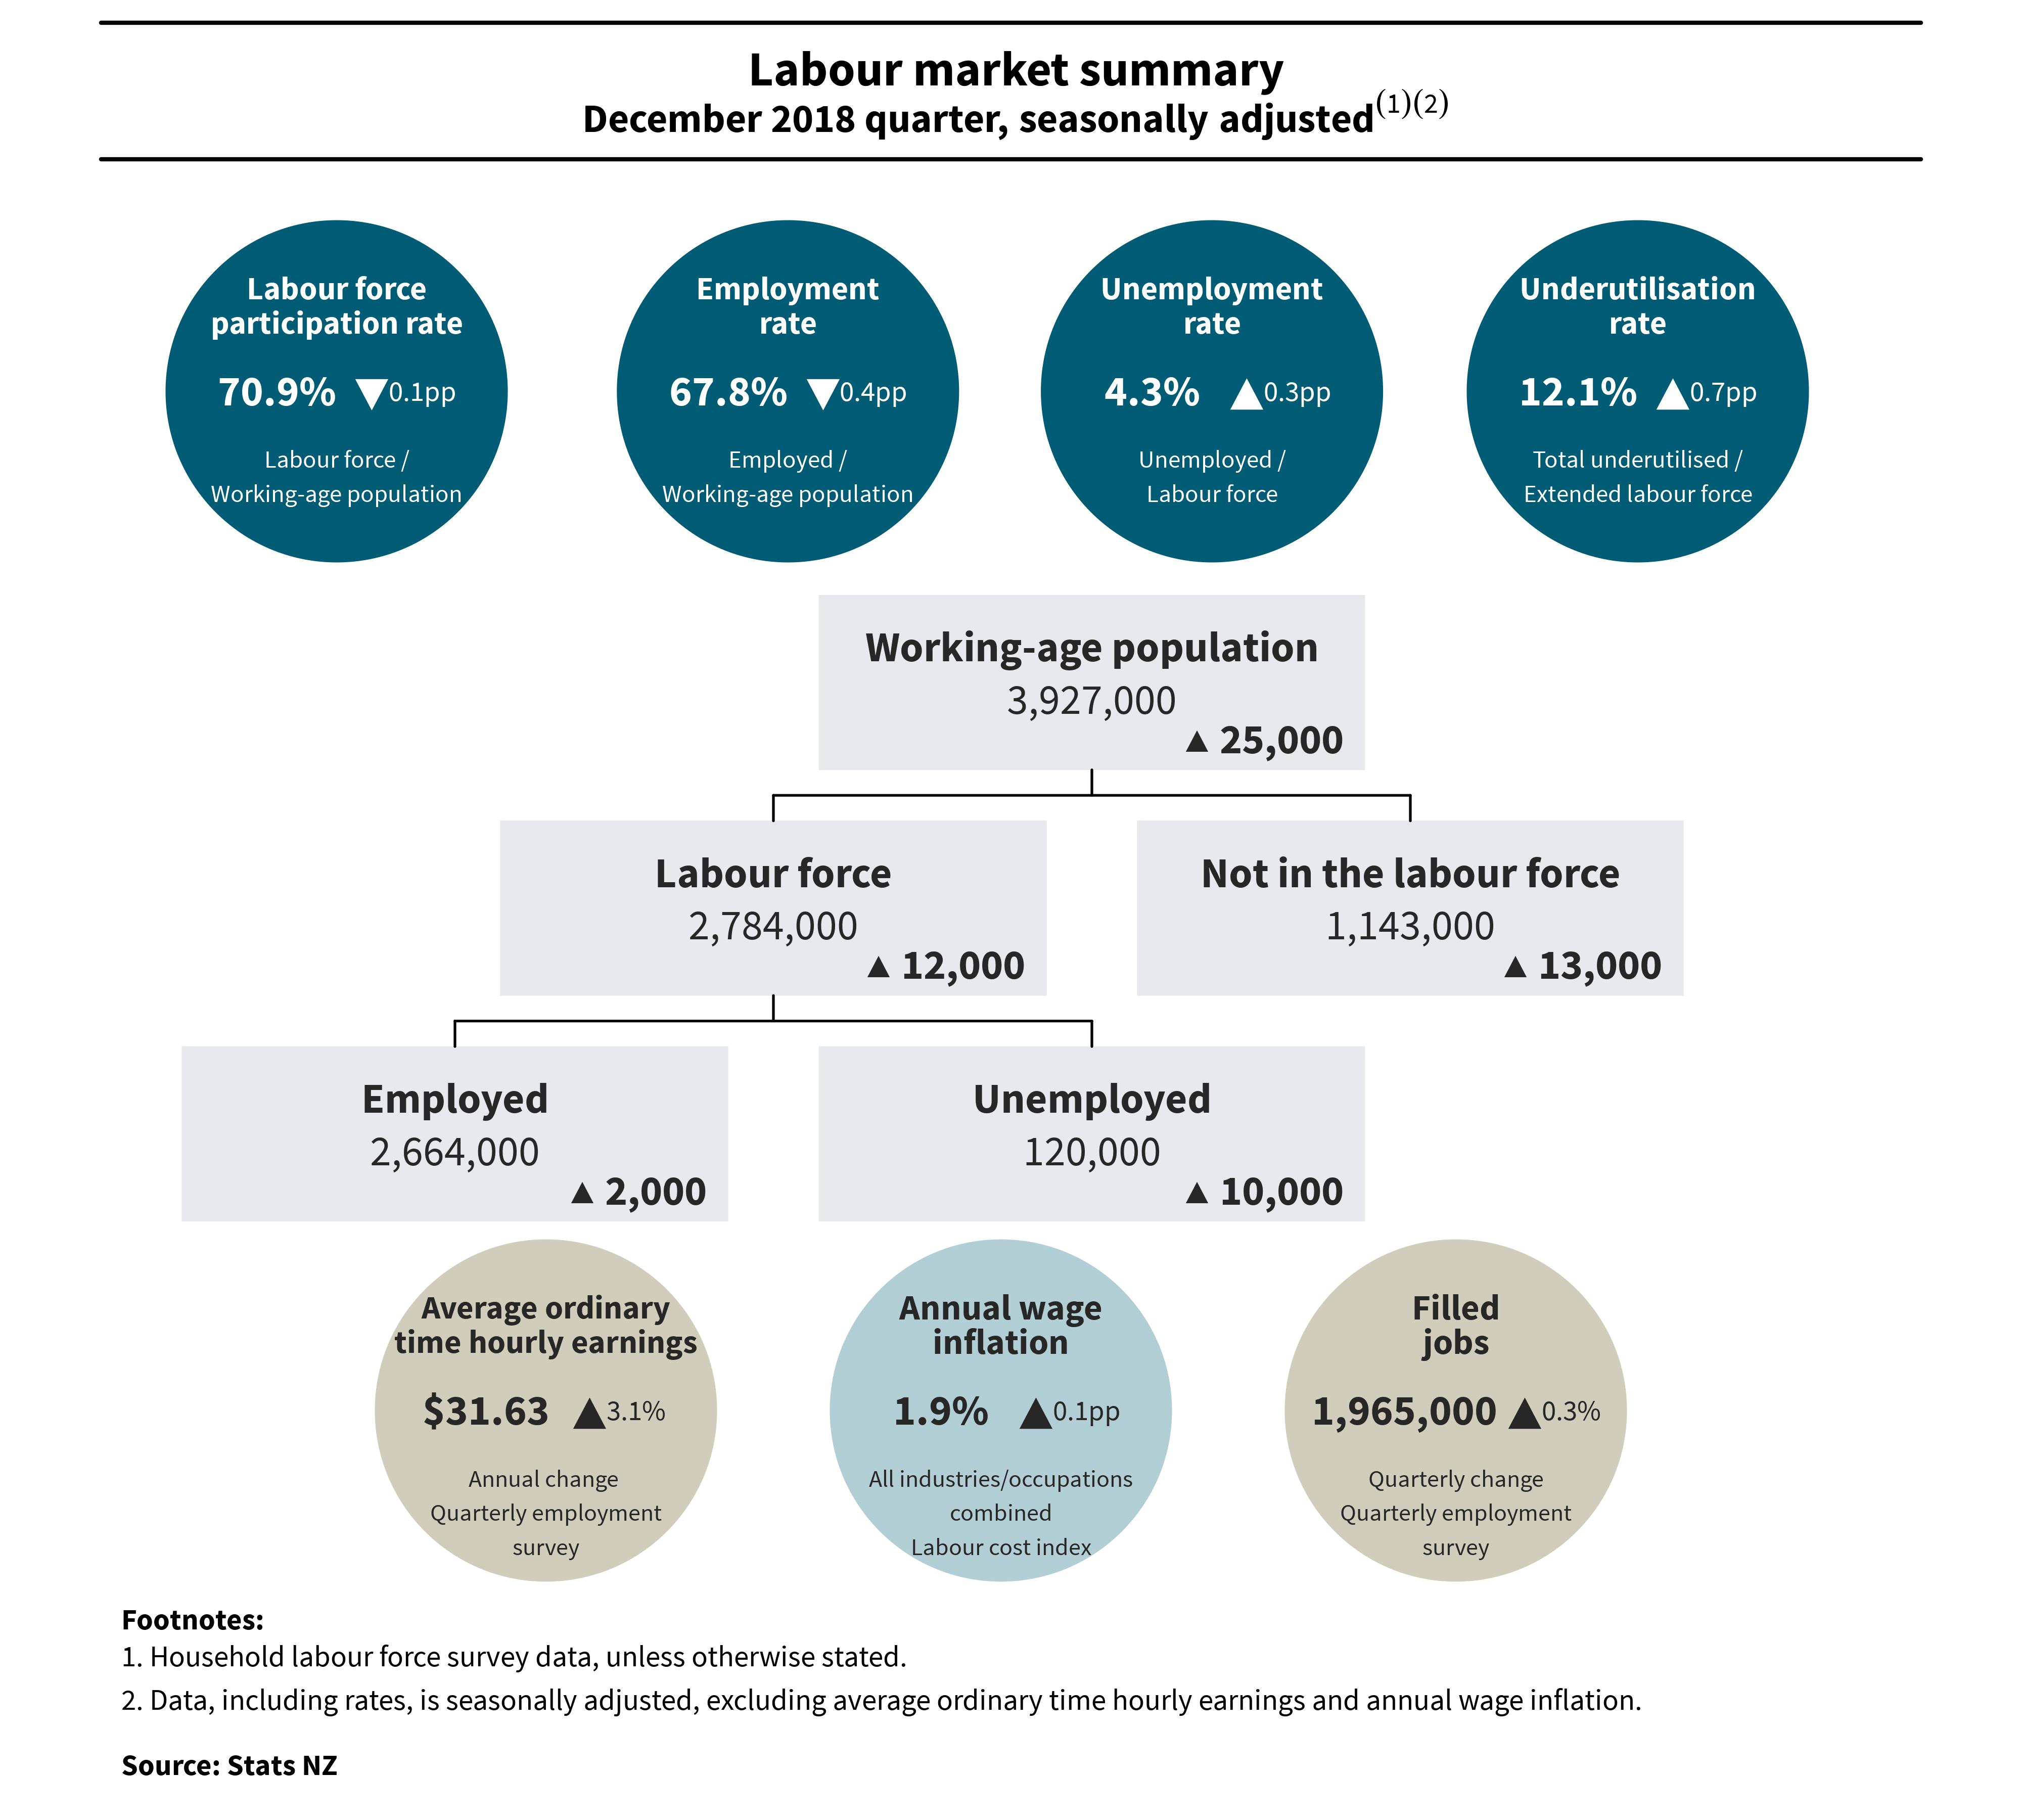 Diagram shows labour market summary, December 2018 quarter